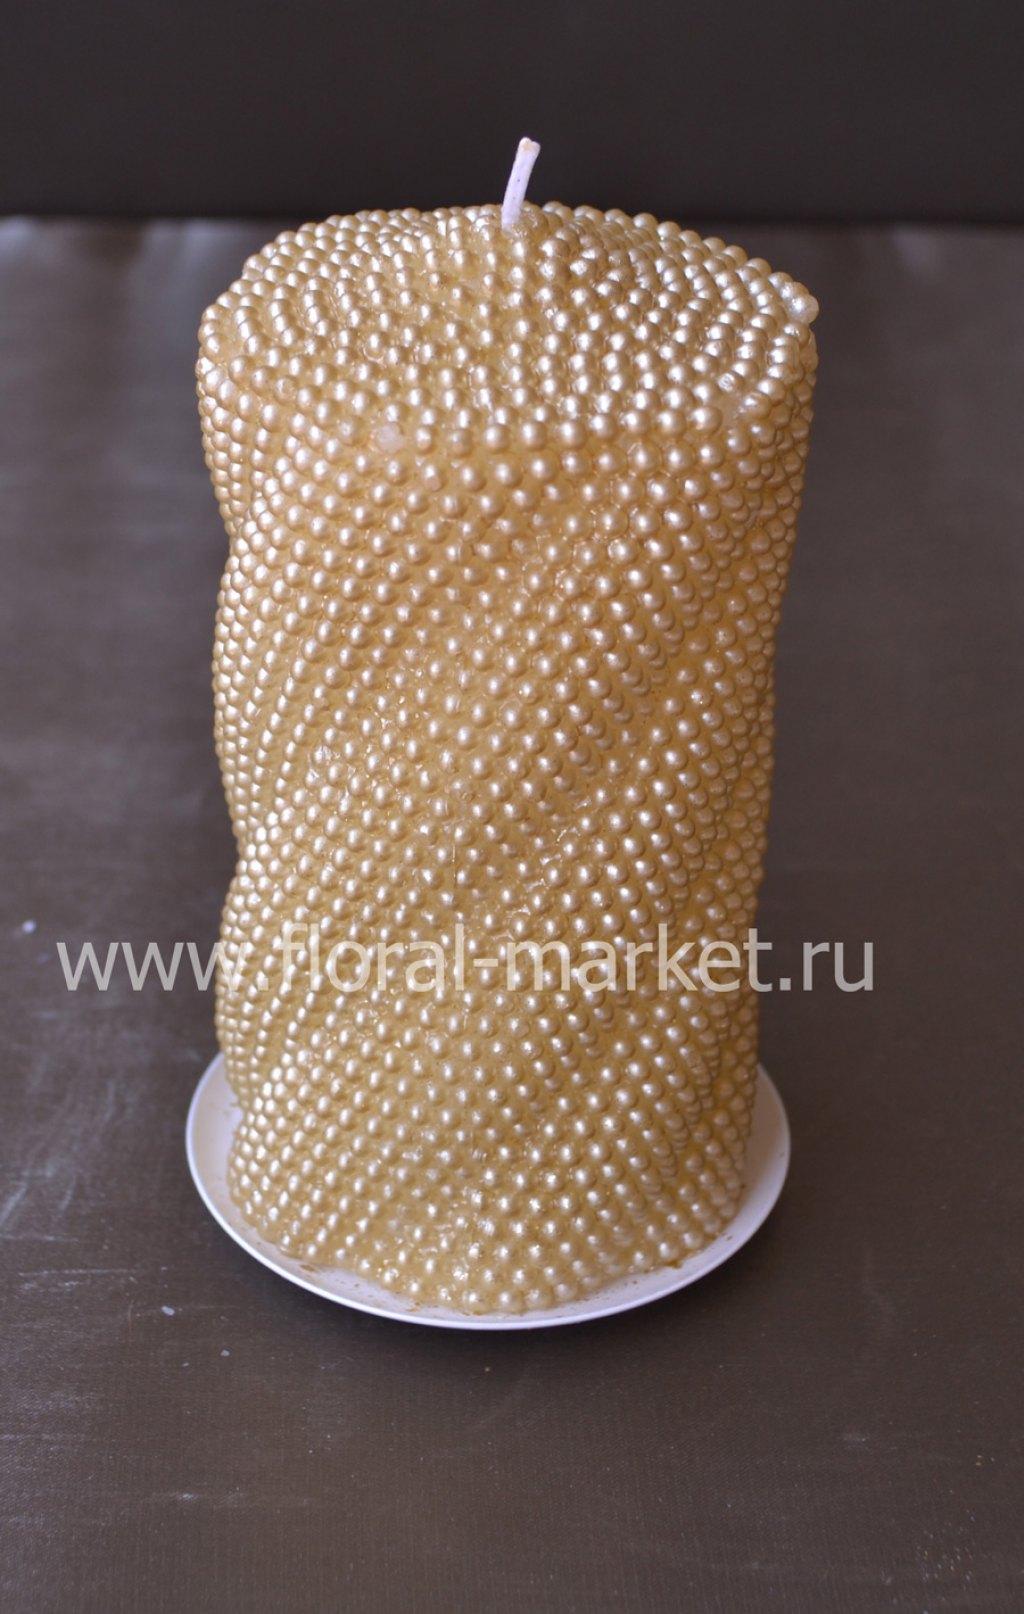 С2124 Свеча пенек витой жемчужный золотая